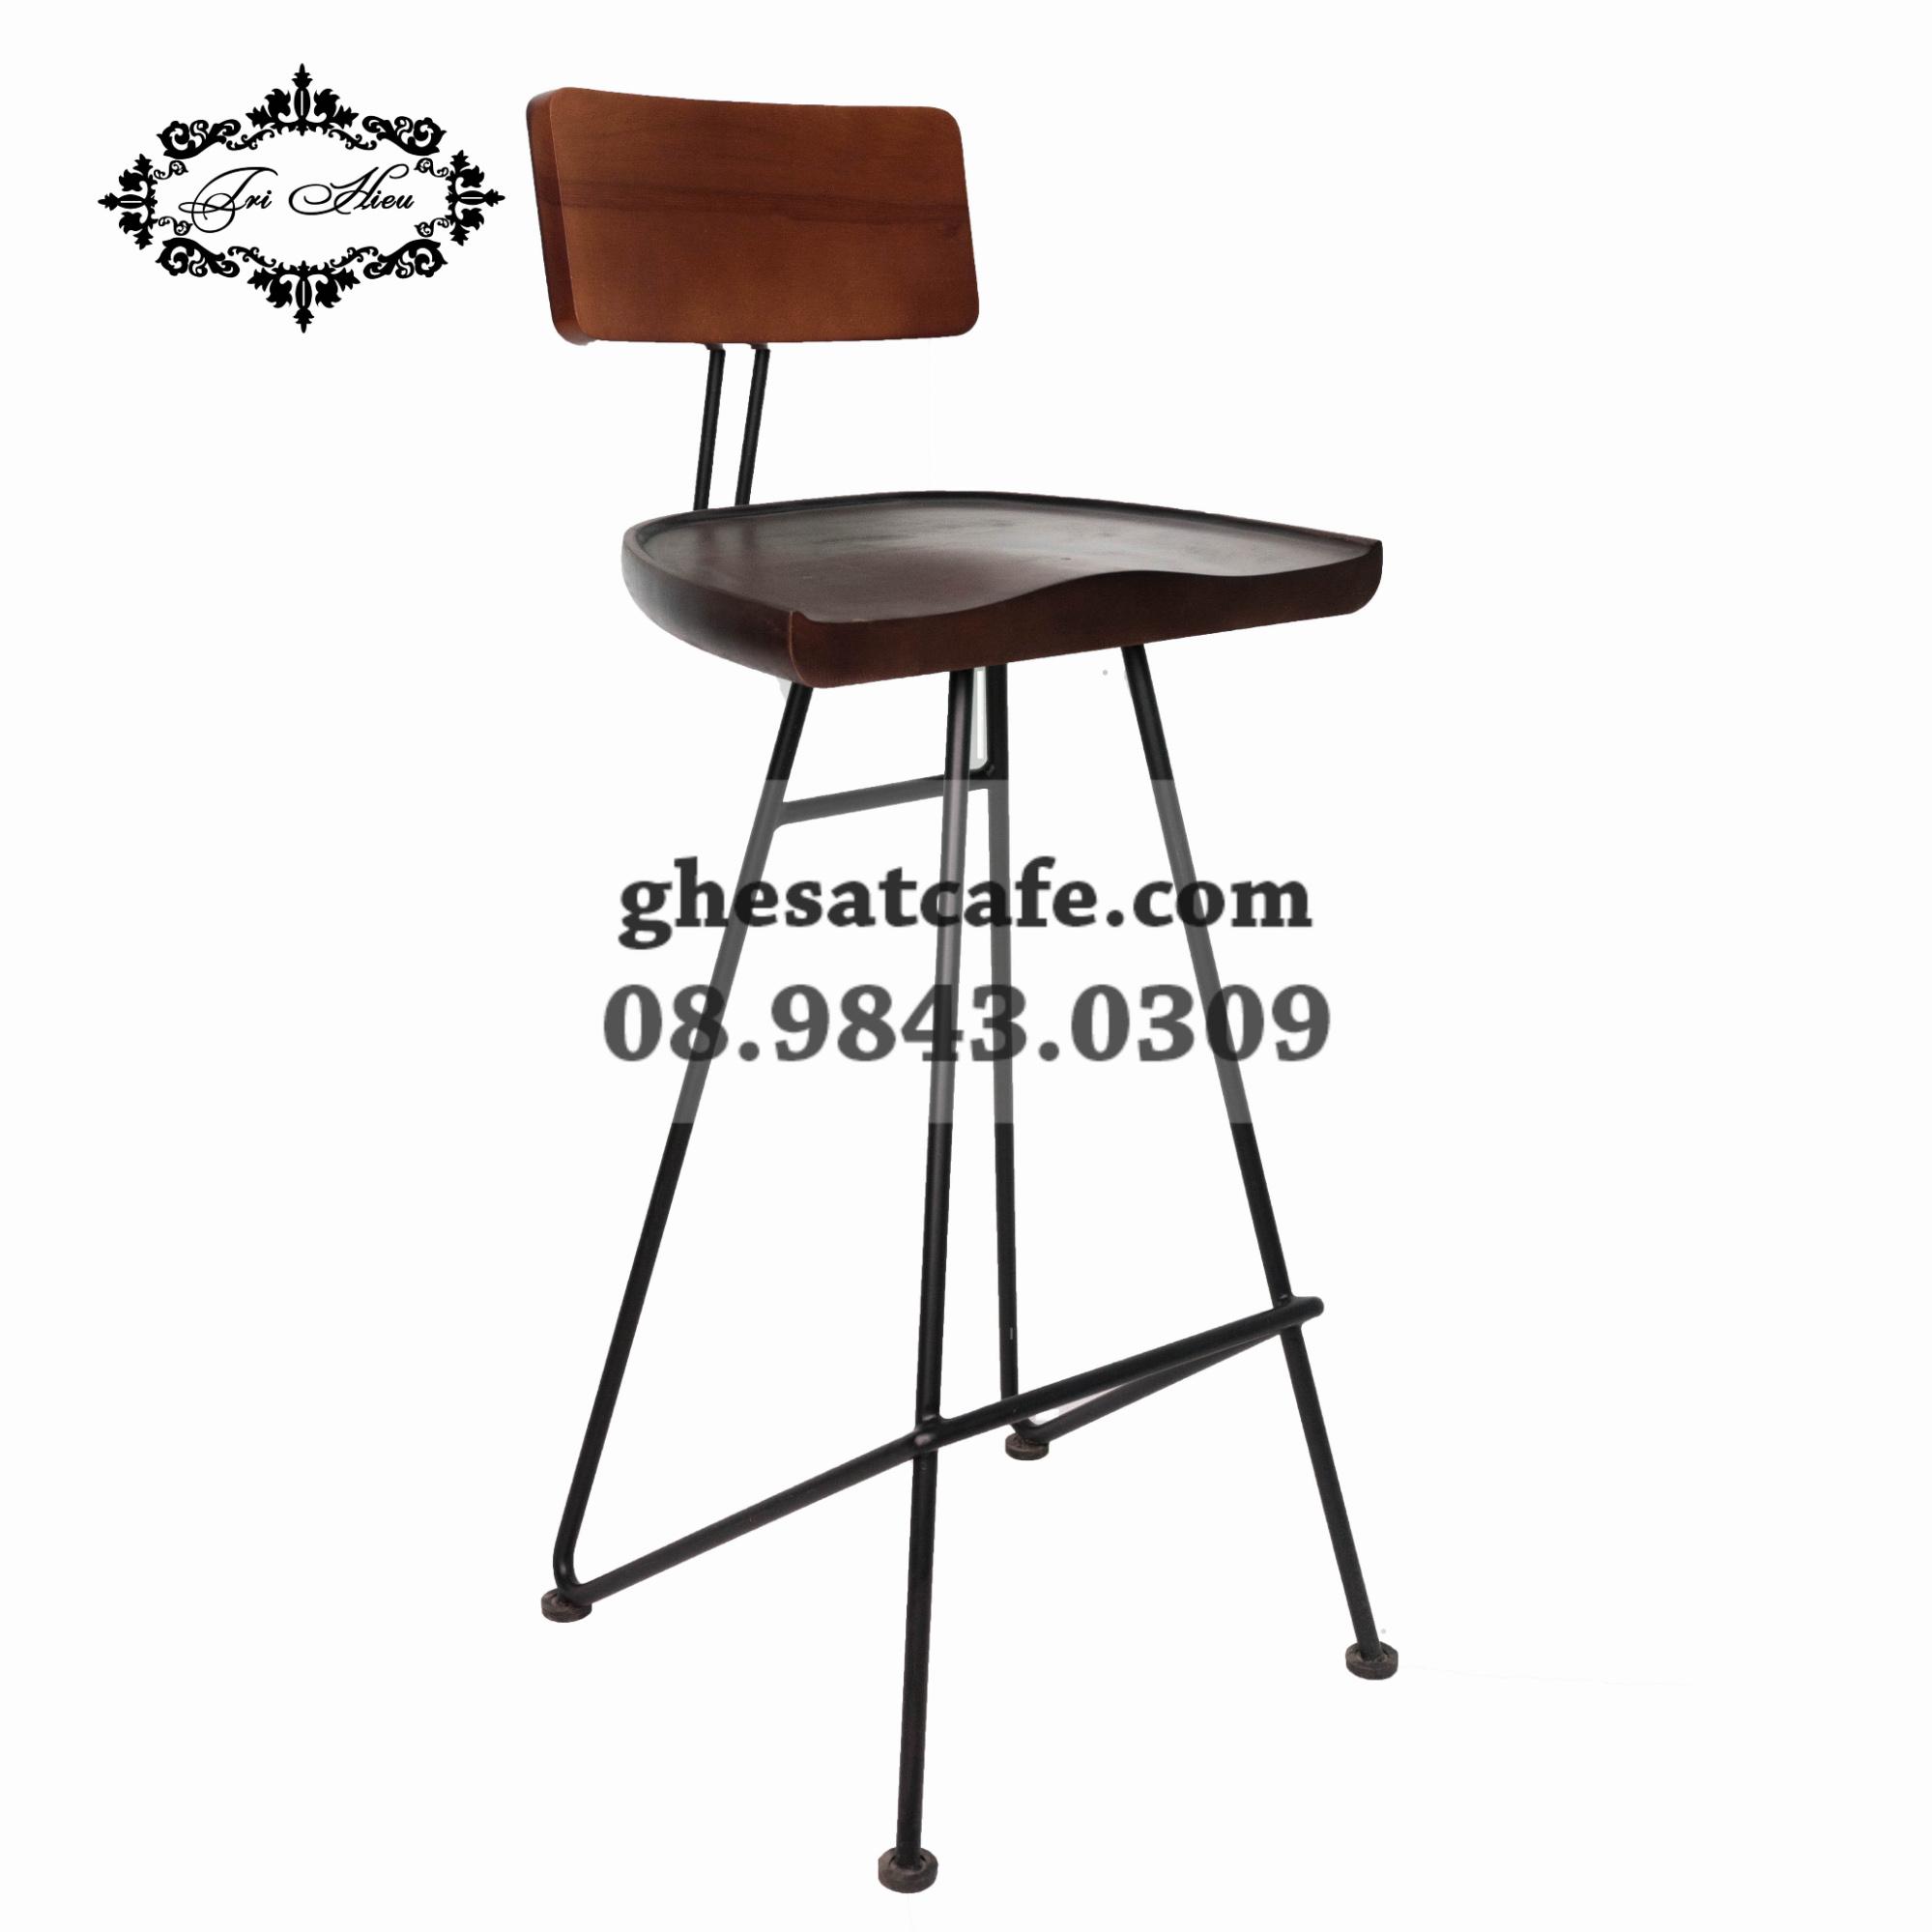 ghế bar chân sắt có lưng tựa (8)